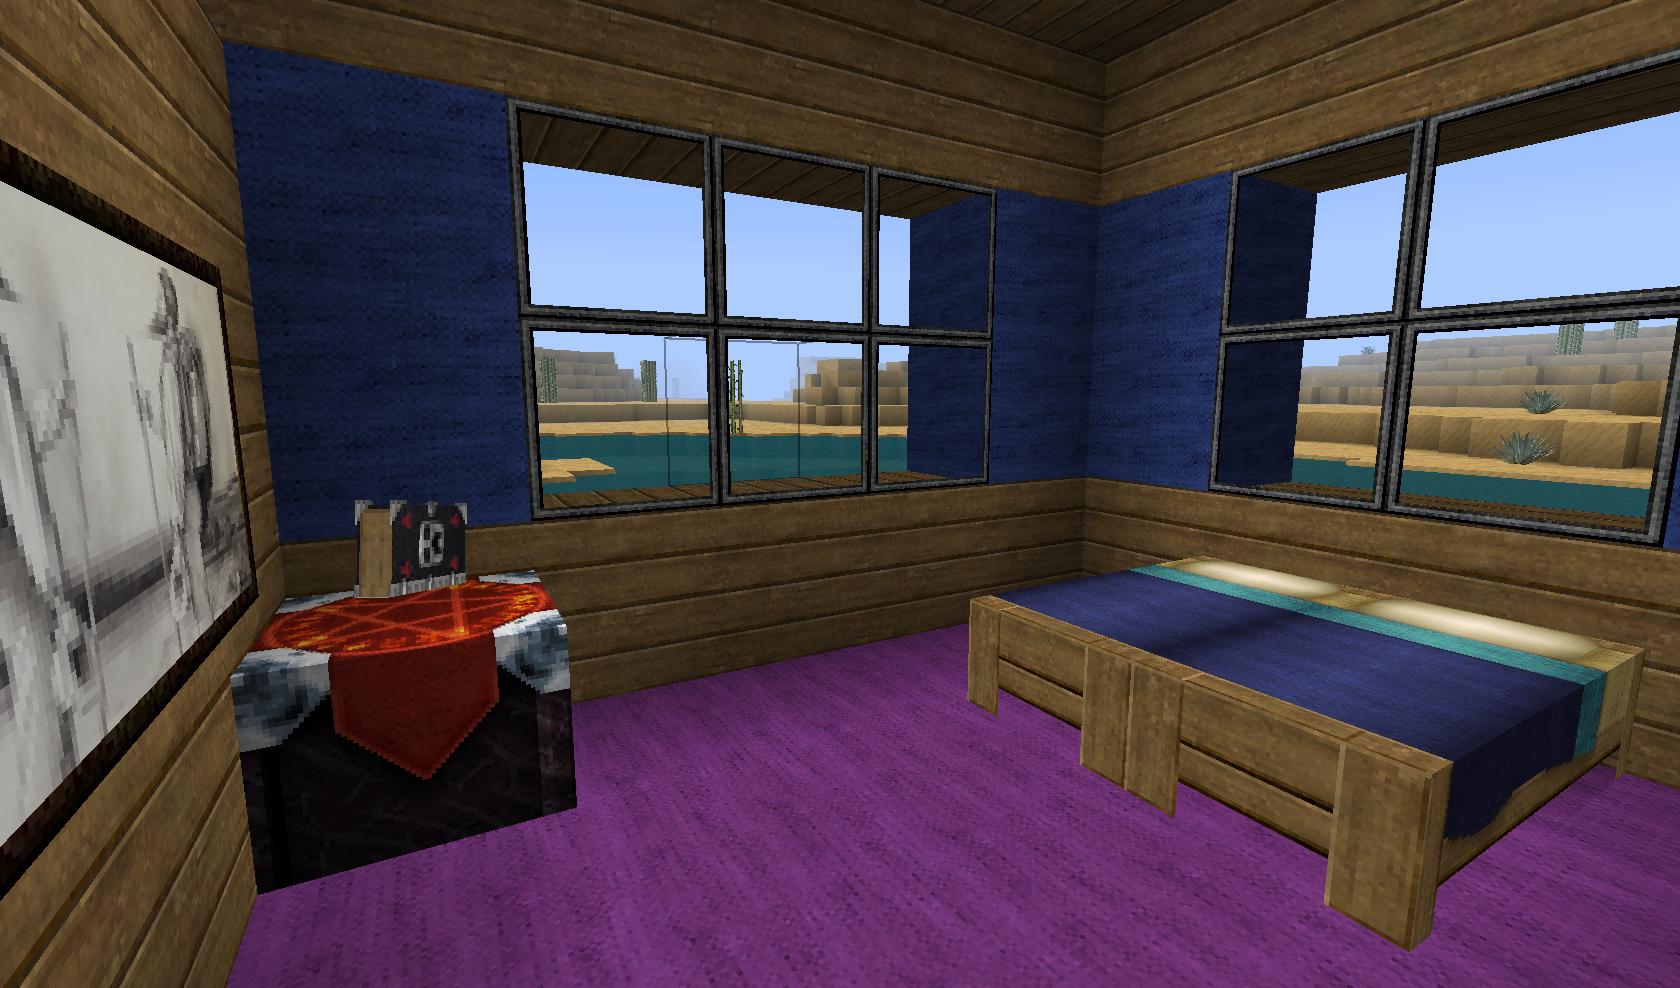 Full Size of Minecraft Küche Das Erste Haus Teil 2 Der Innenausbau Und Dekoration Nolte Teppich Für Blende Arbeitsplatte Ebay Einbauküche Holz Modern Hängeschrank Höhe Wohnzimmer Minecraft Küche